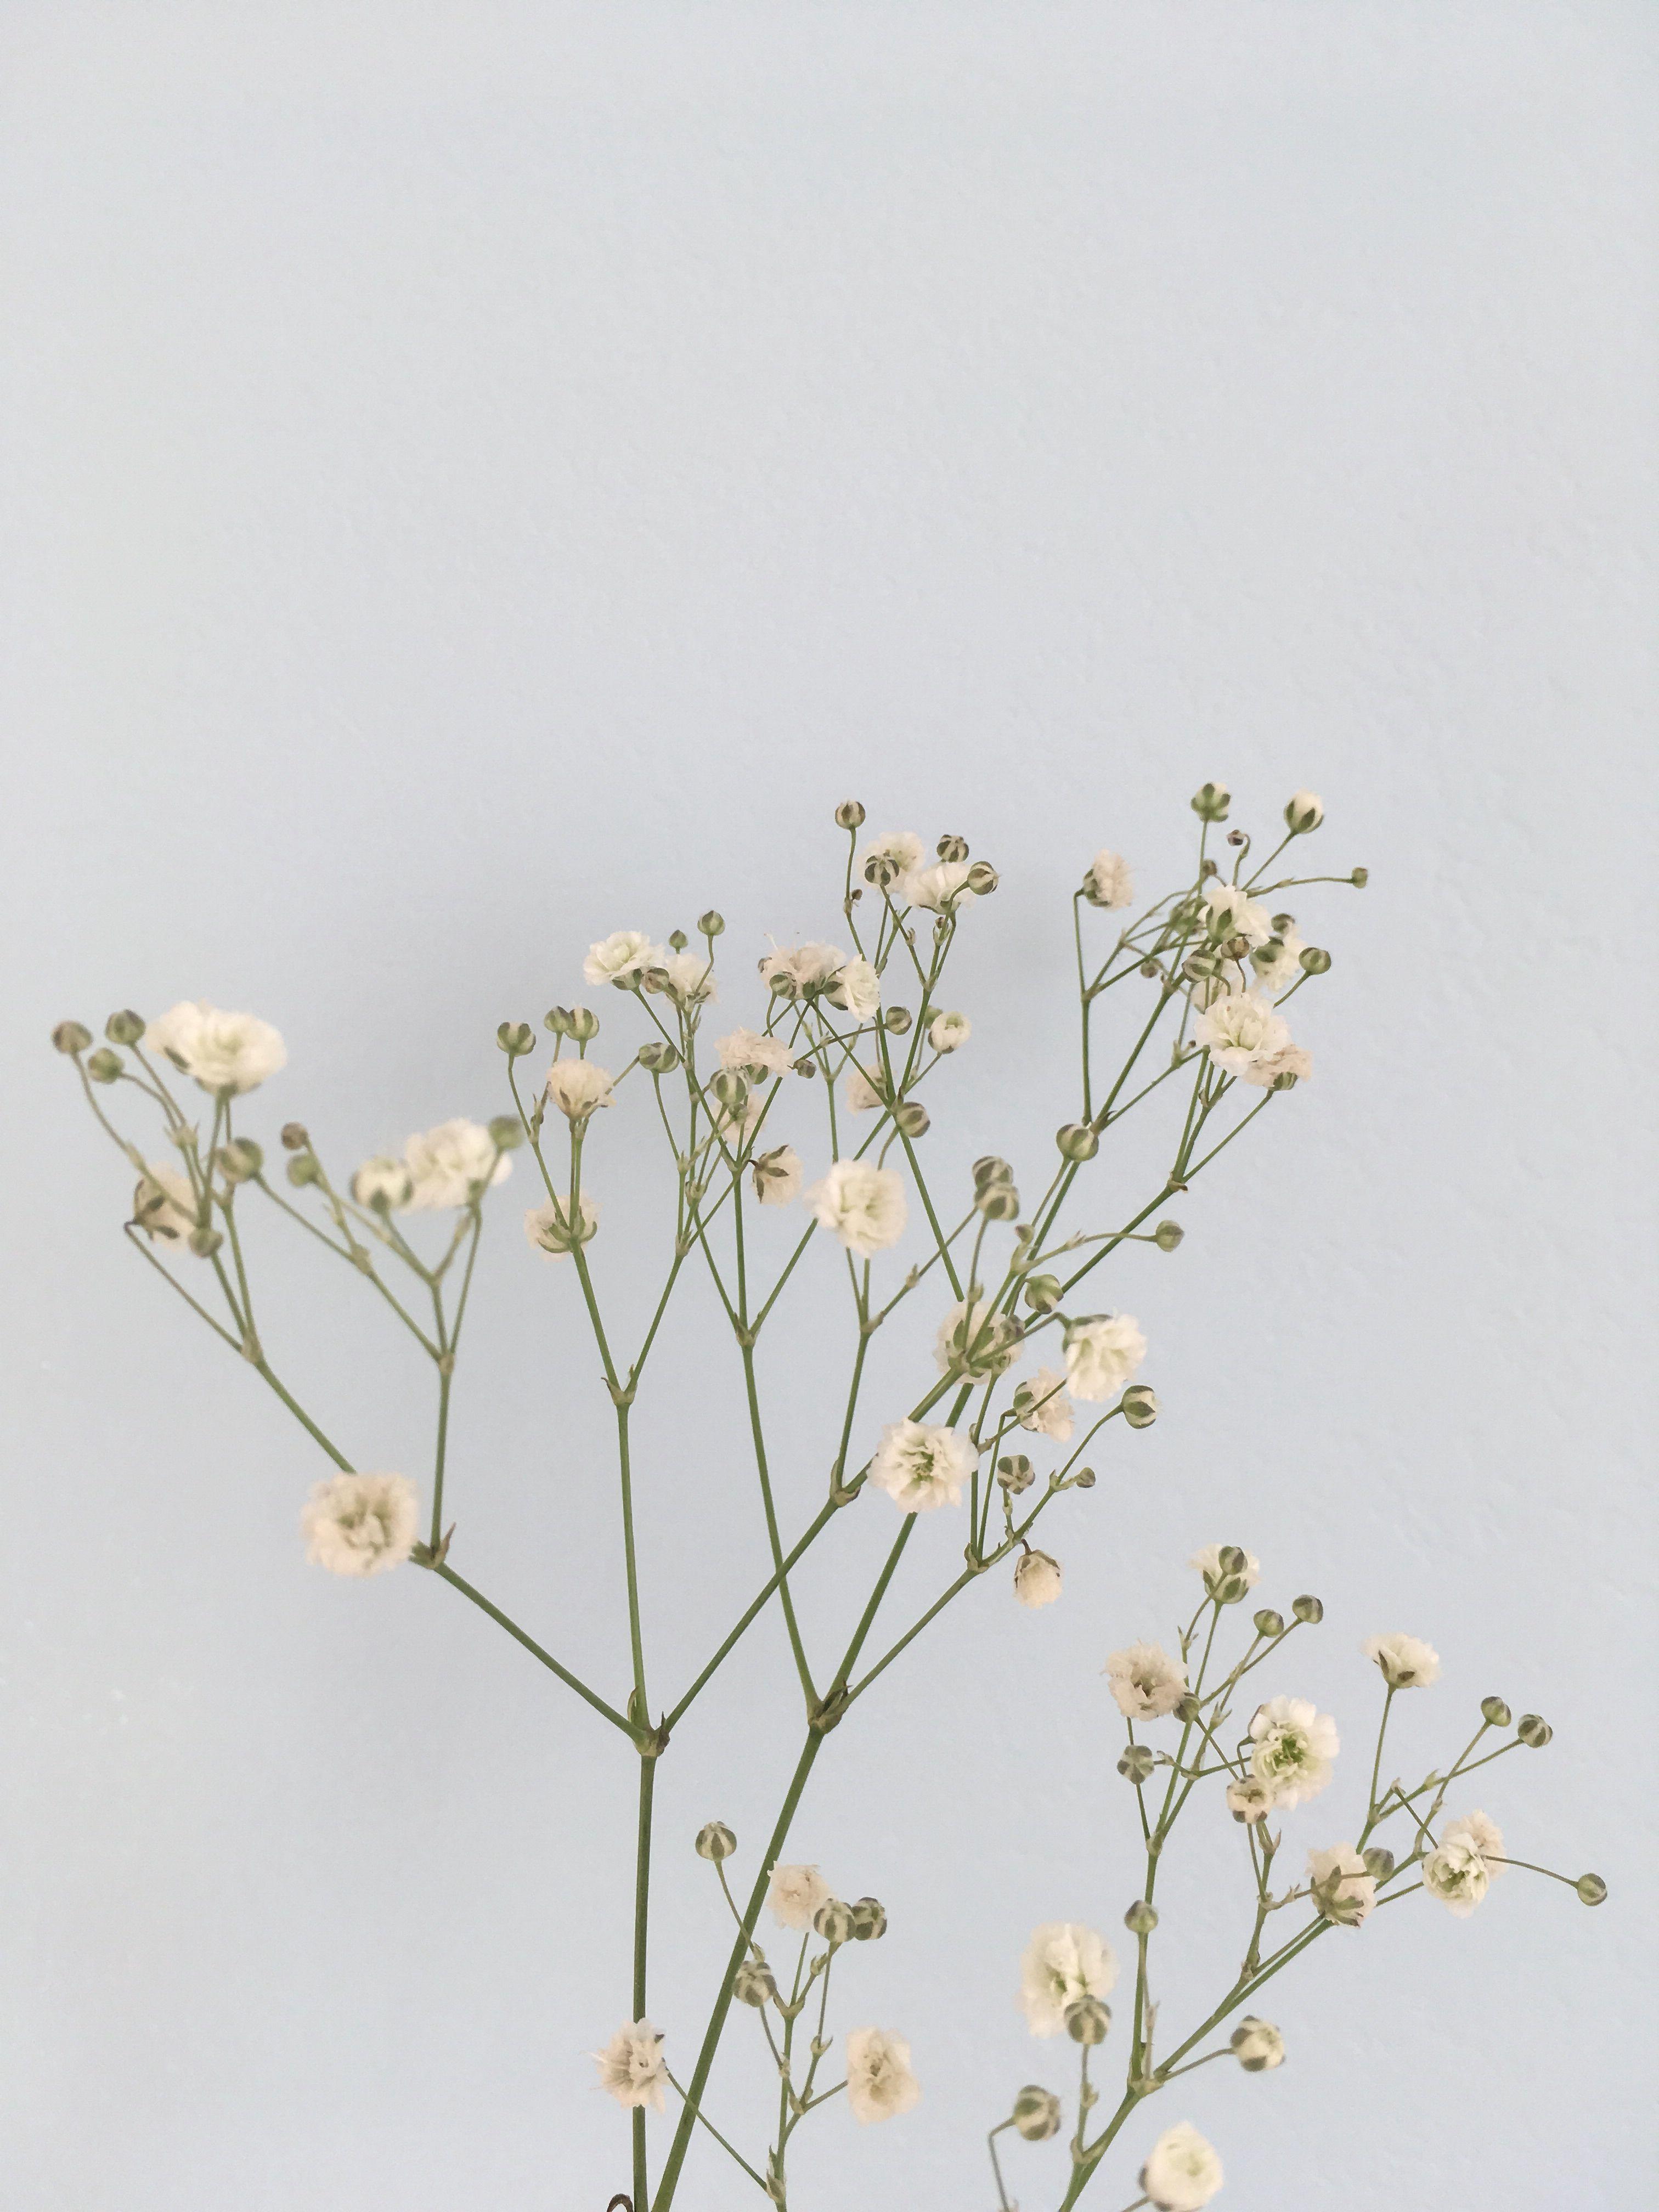 flowers aesthetic minimalism pastel blue white